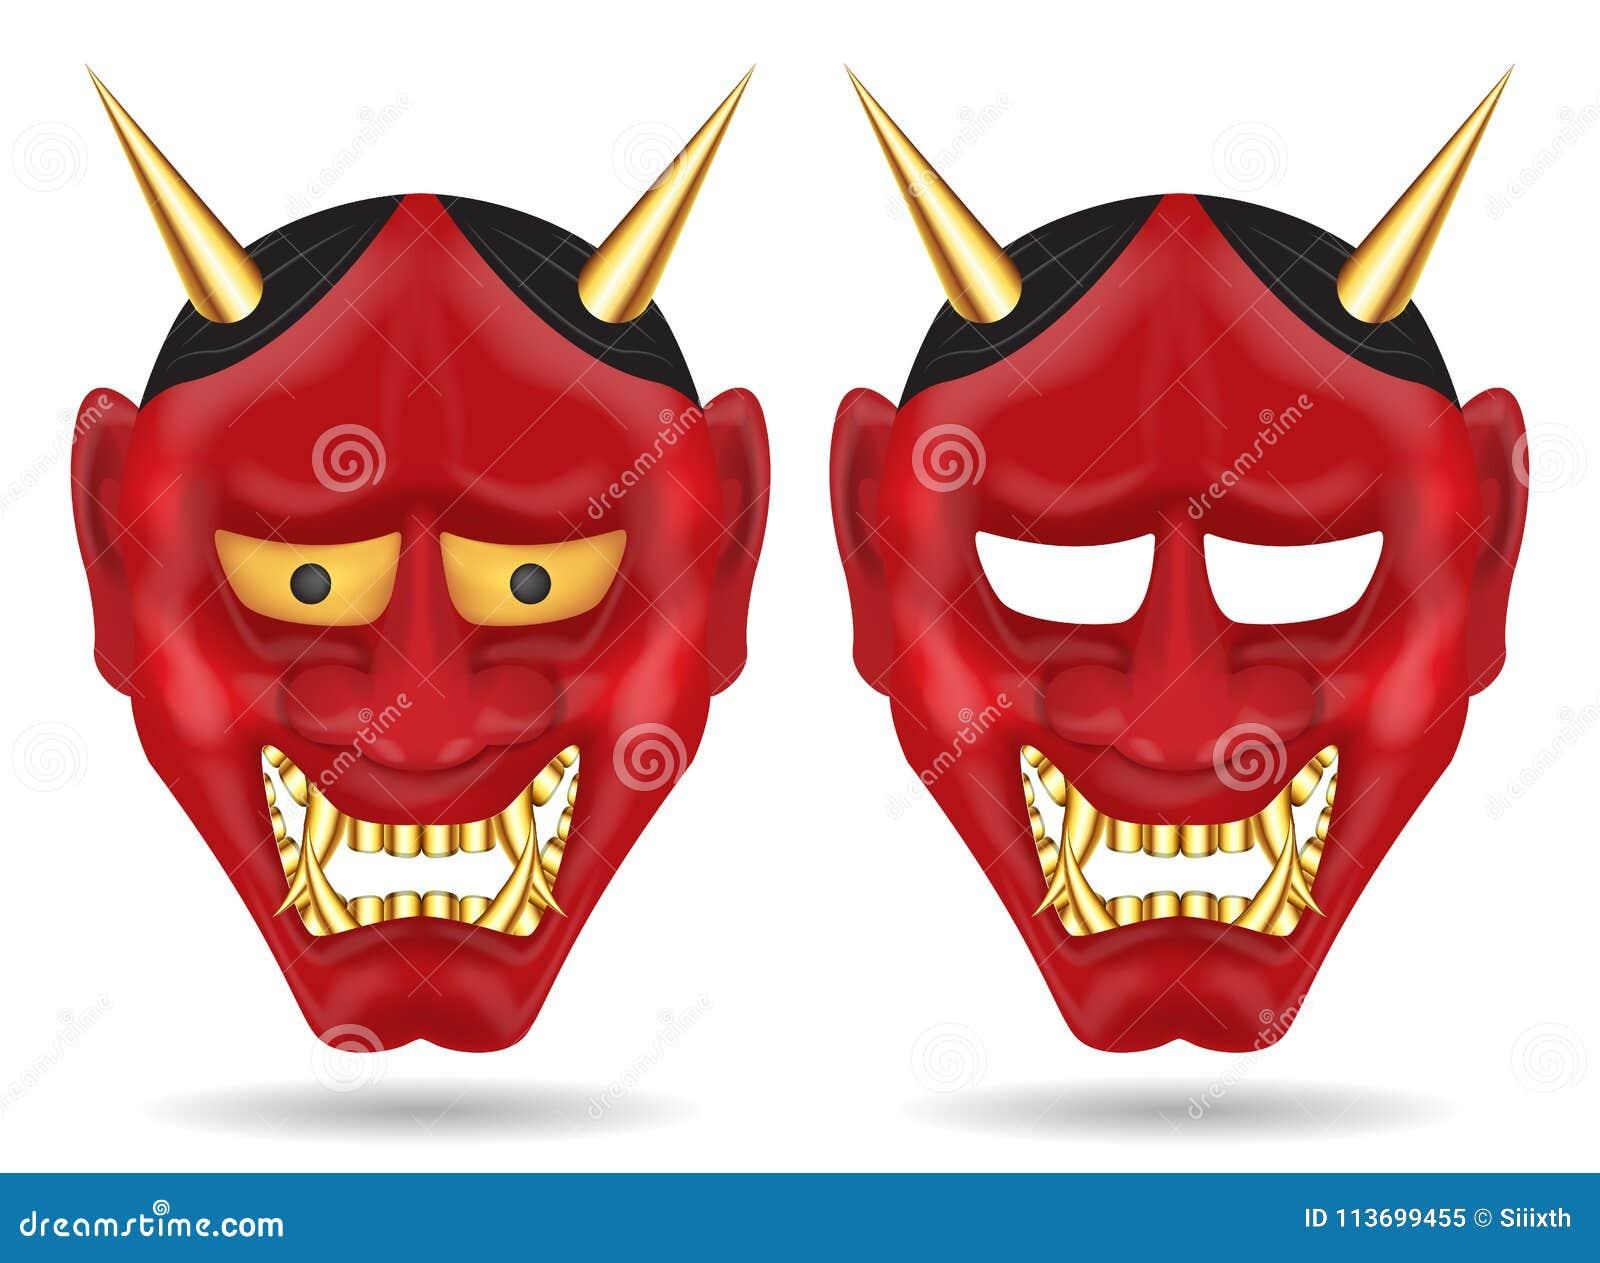 Asombroso Plantilla De Máscara De Zorro Regalo - Ejemplo De ...